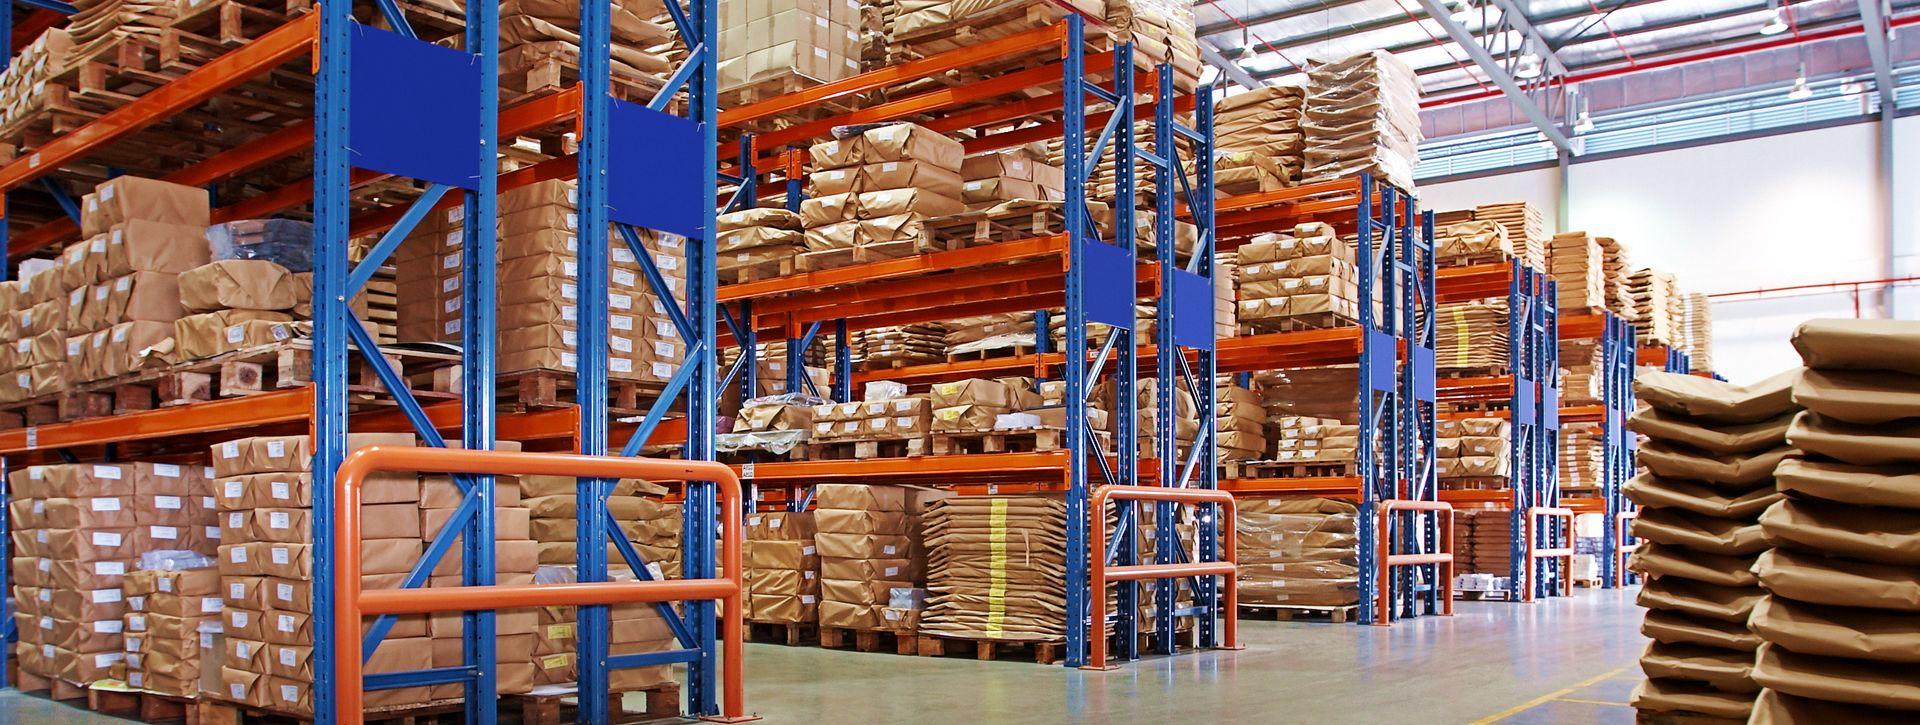 Кртинка Консолидация грузов: попутный груз, сборный груз